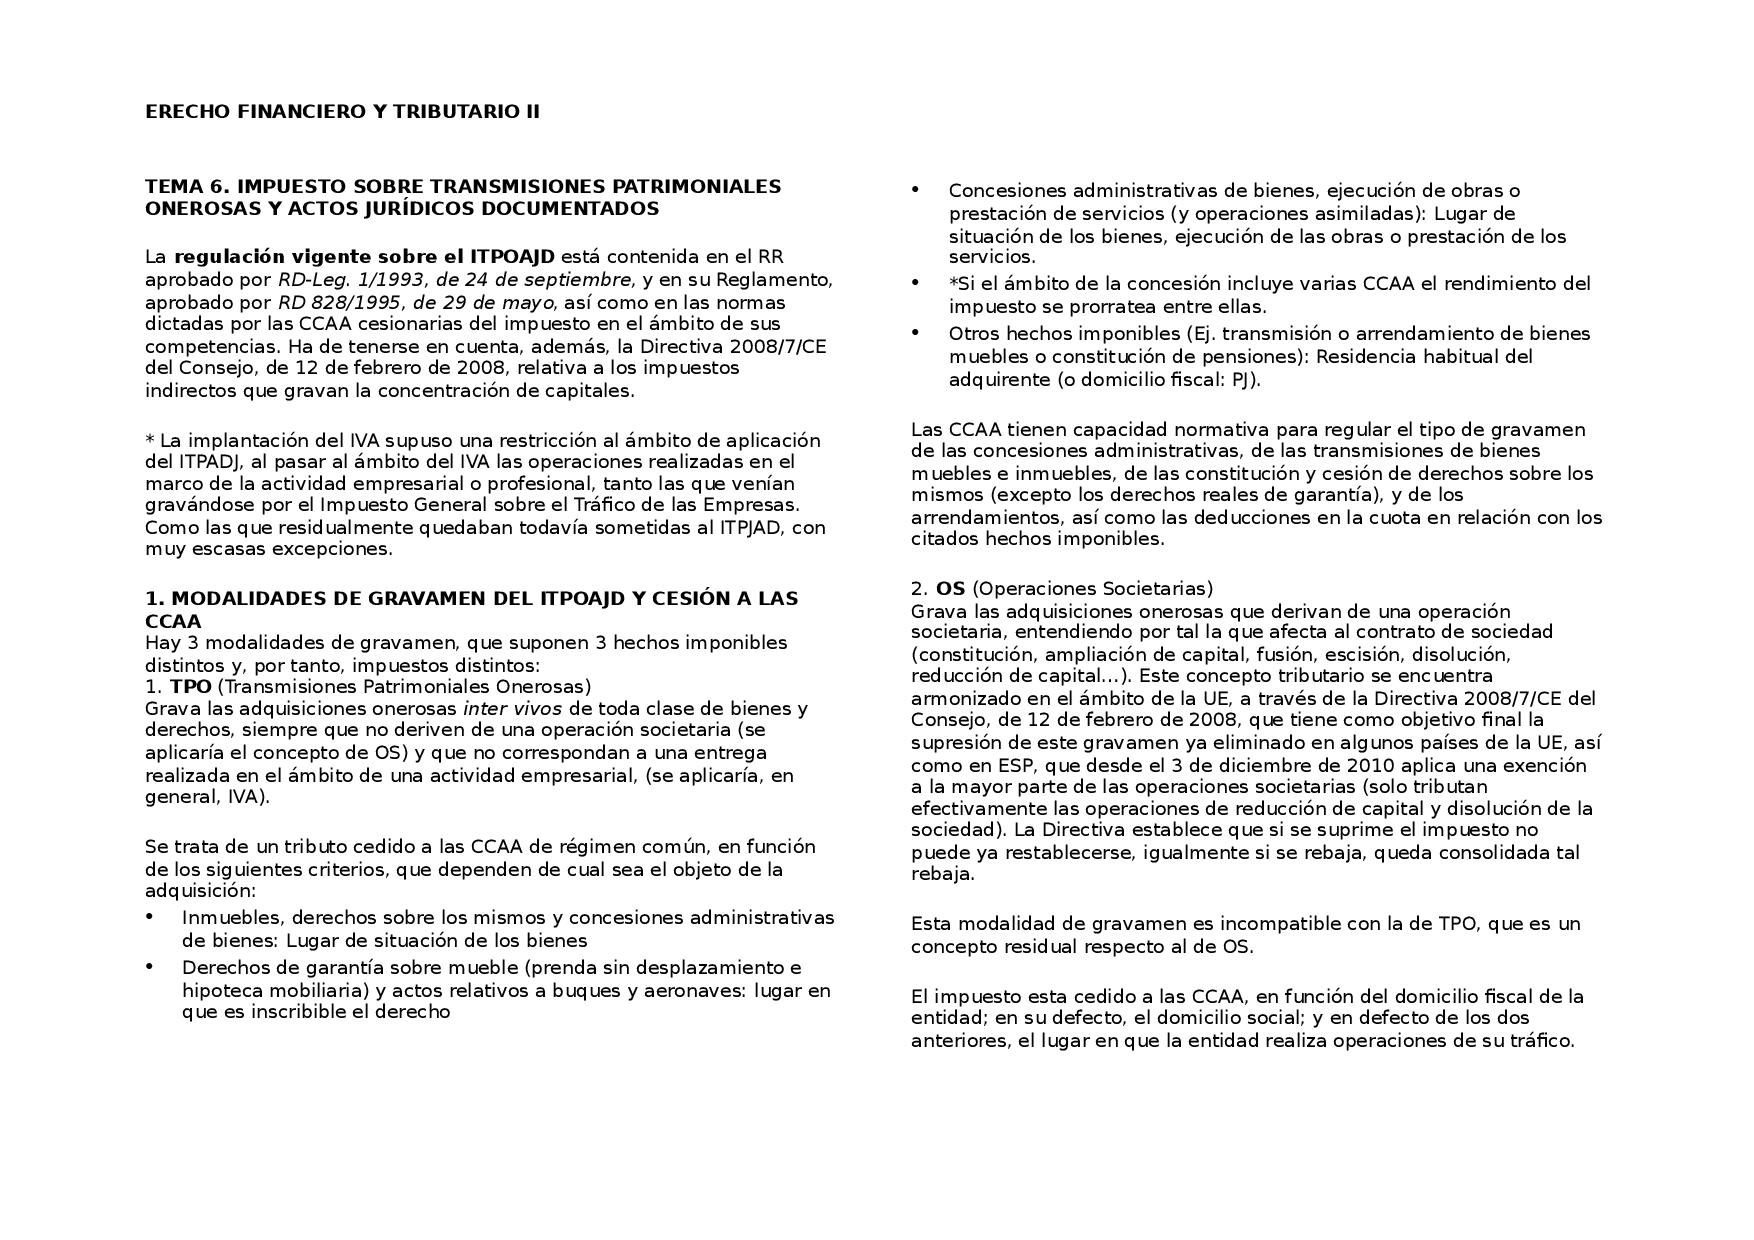 Obtener deducciones de impuestos para los propietarios de barcos